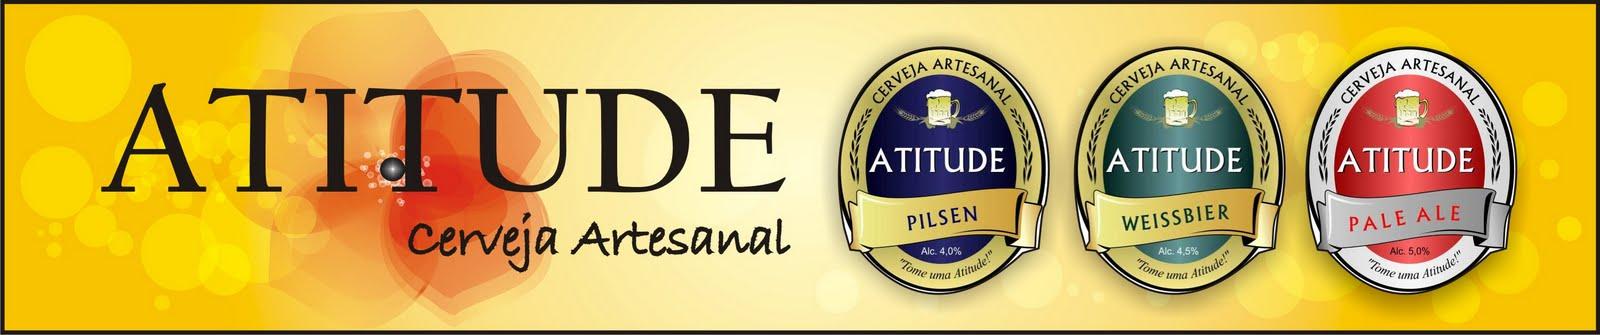 Atitude Cerveja Artesanal